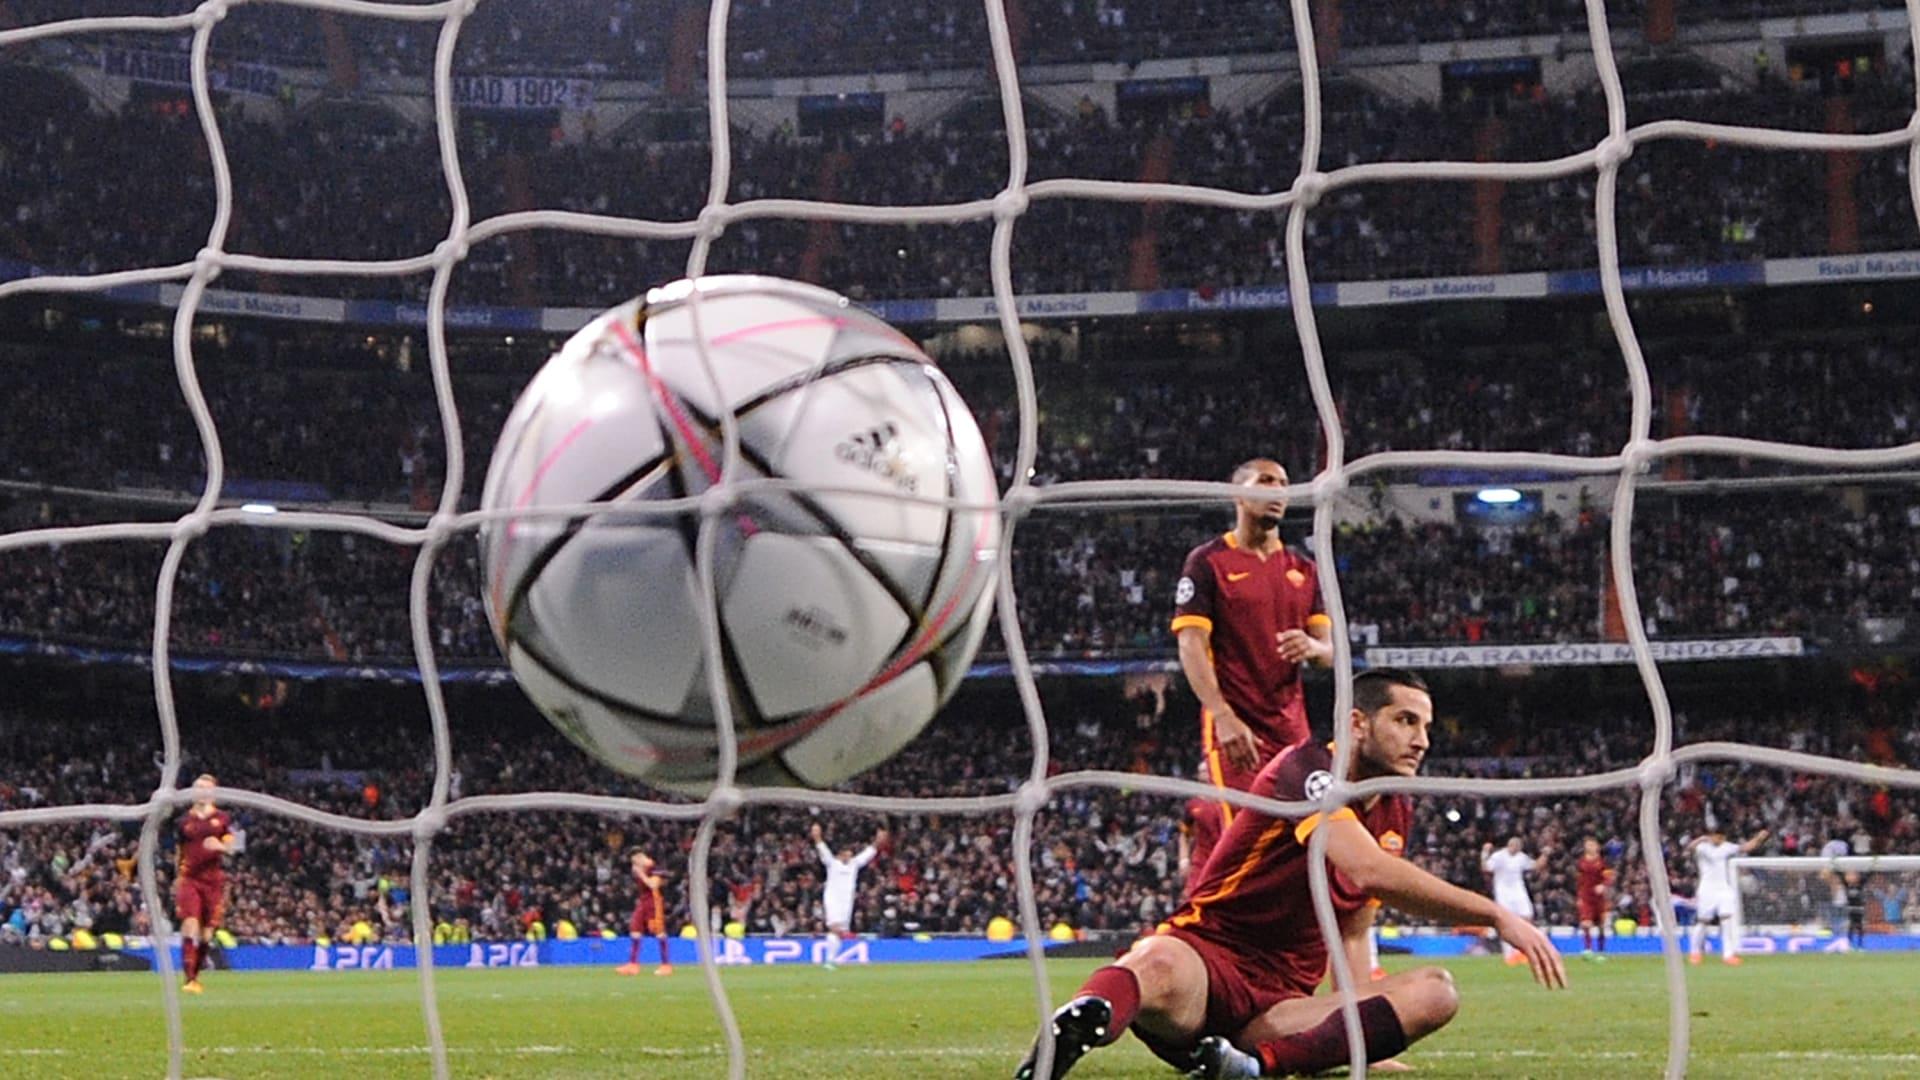 لاعبون من نادي روما يتابعون الكرة التي استقرت في شباك فريقهم بركلة من خاميس رودريغيز، لاعب نادي ريال مدريد